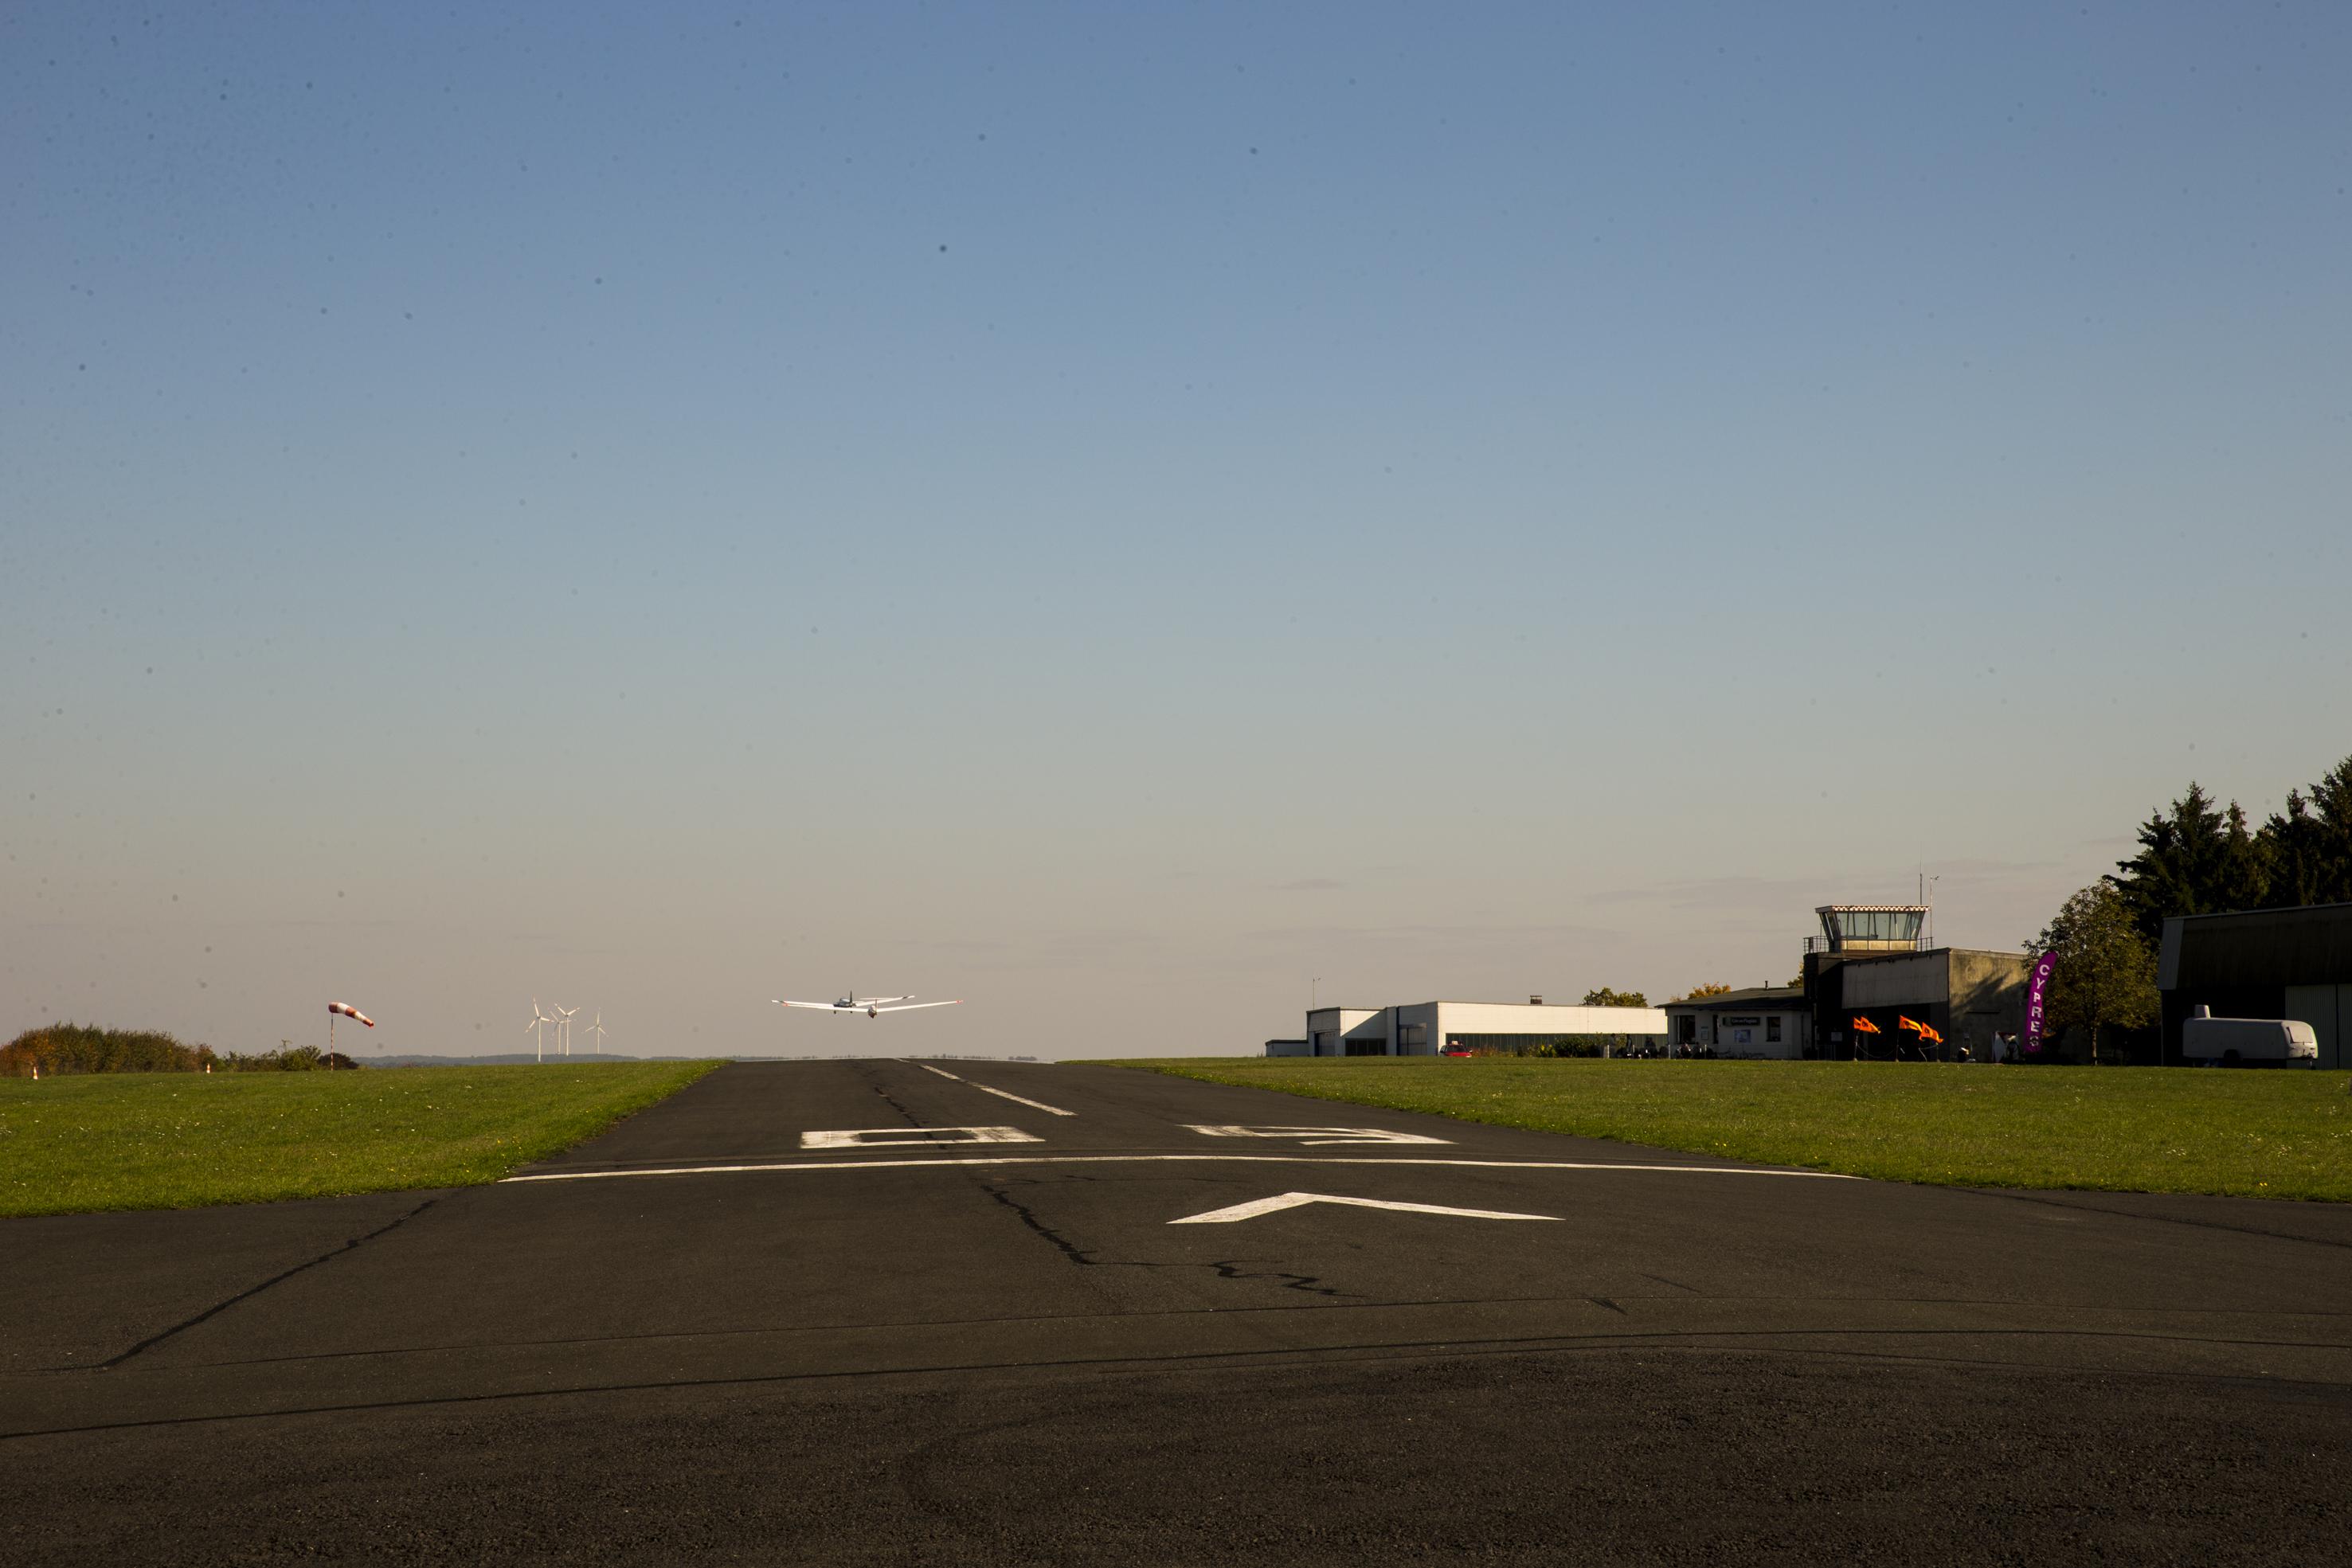 Ein Startender Segelflugschlepp vom Startpunkt 09 bestehend aus der D-KIWC und der D-2513.